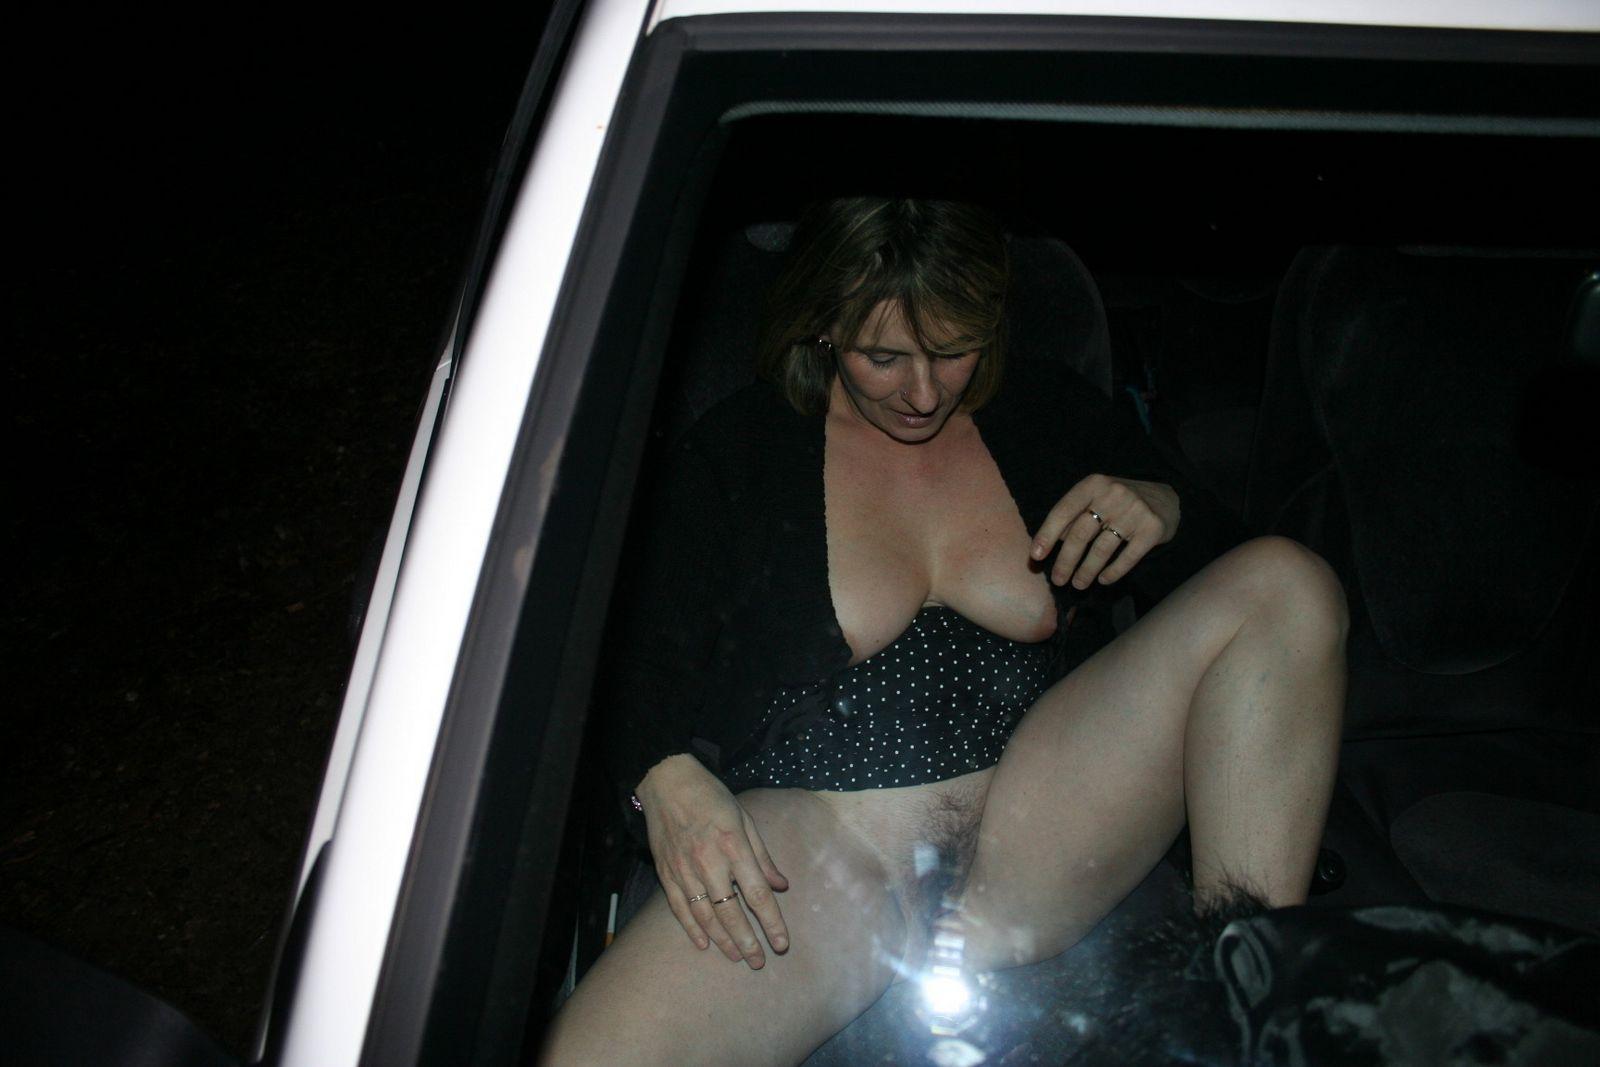 Похотливые игры с пожилой тётей в машине